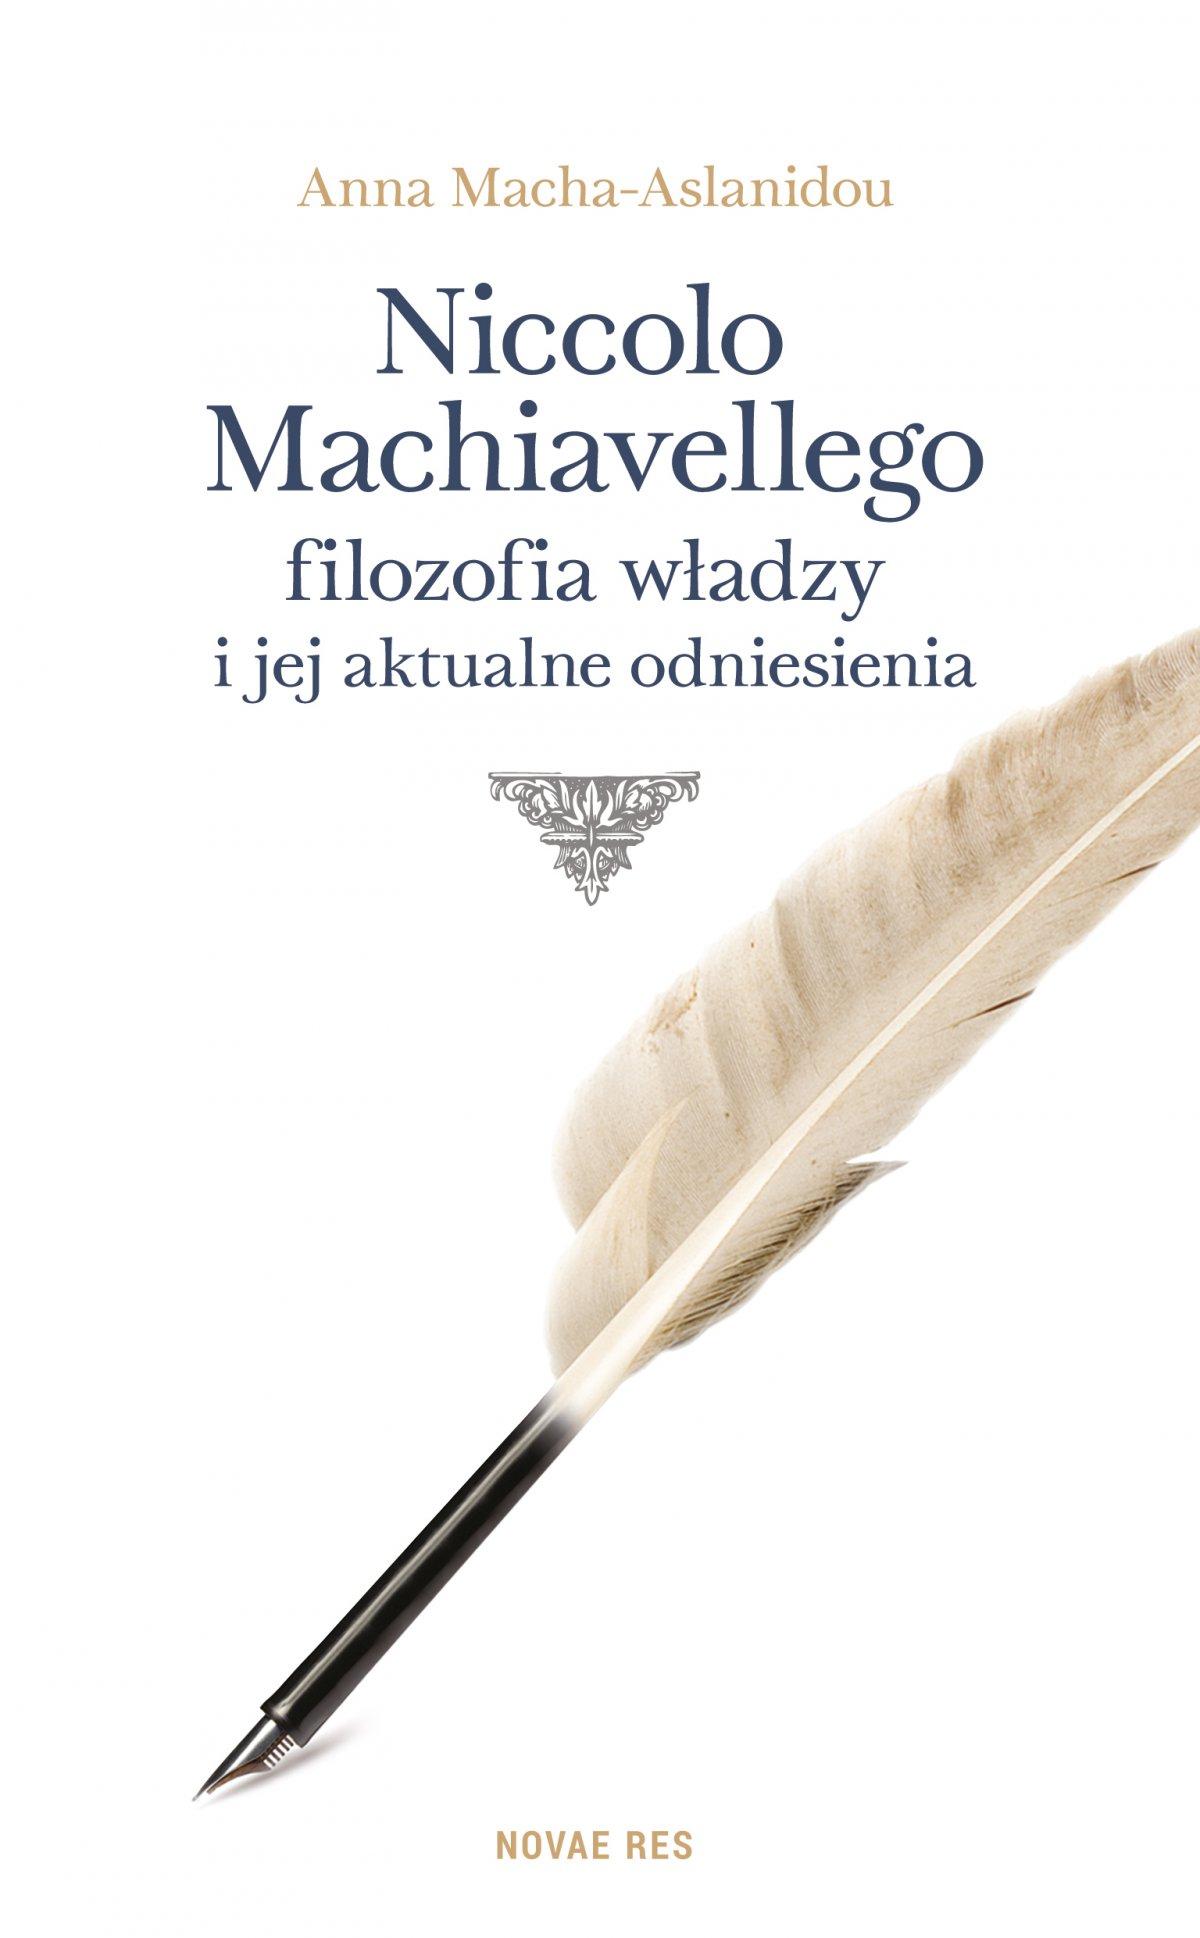 Niccolo Machiavellego filozofia władzy i jej aktualne odniesienia - Ebook (Książka na Kindle) do pobrania w formacie MOBI